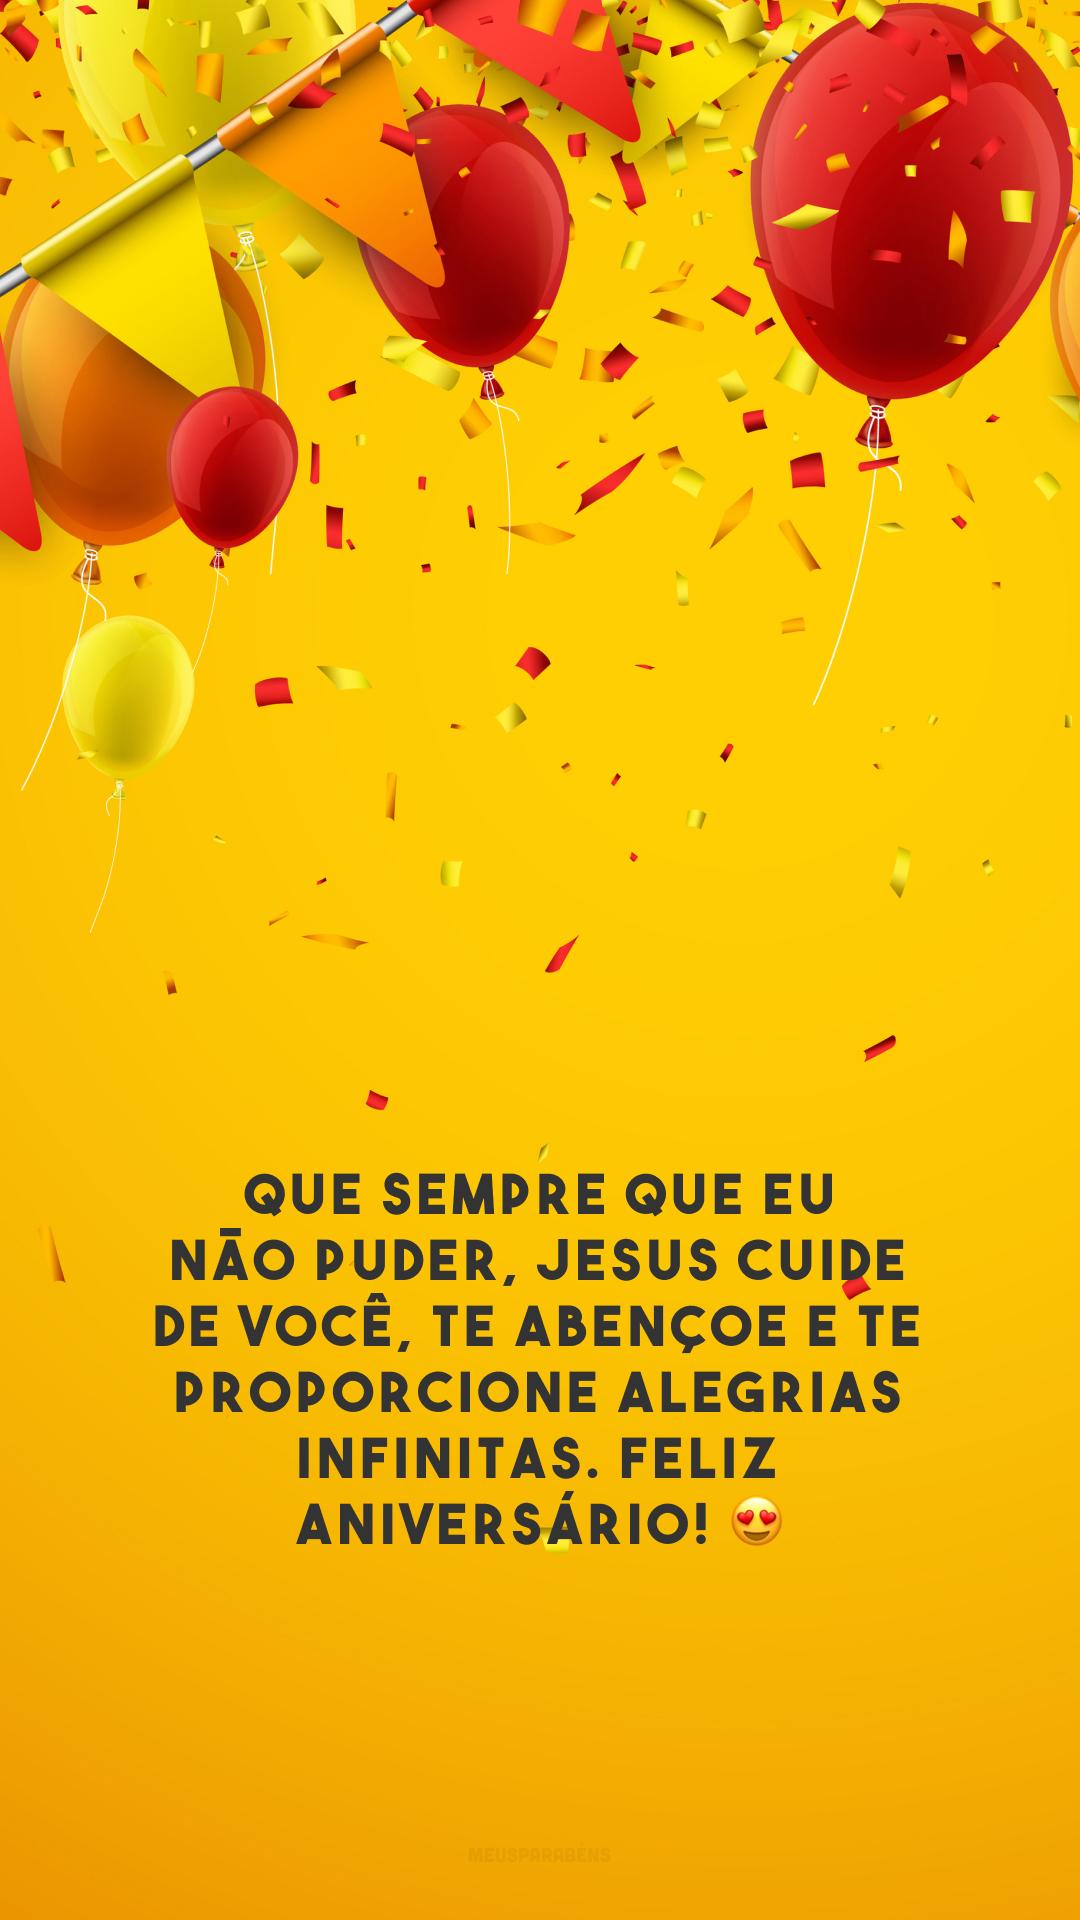 Que sempre que eu não puder, Jesus cuide de você, te abençoe e te proporcione alegrias infinitas. Feliz aniversário! 😍